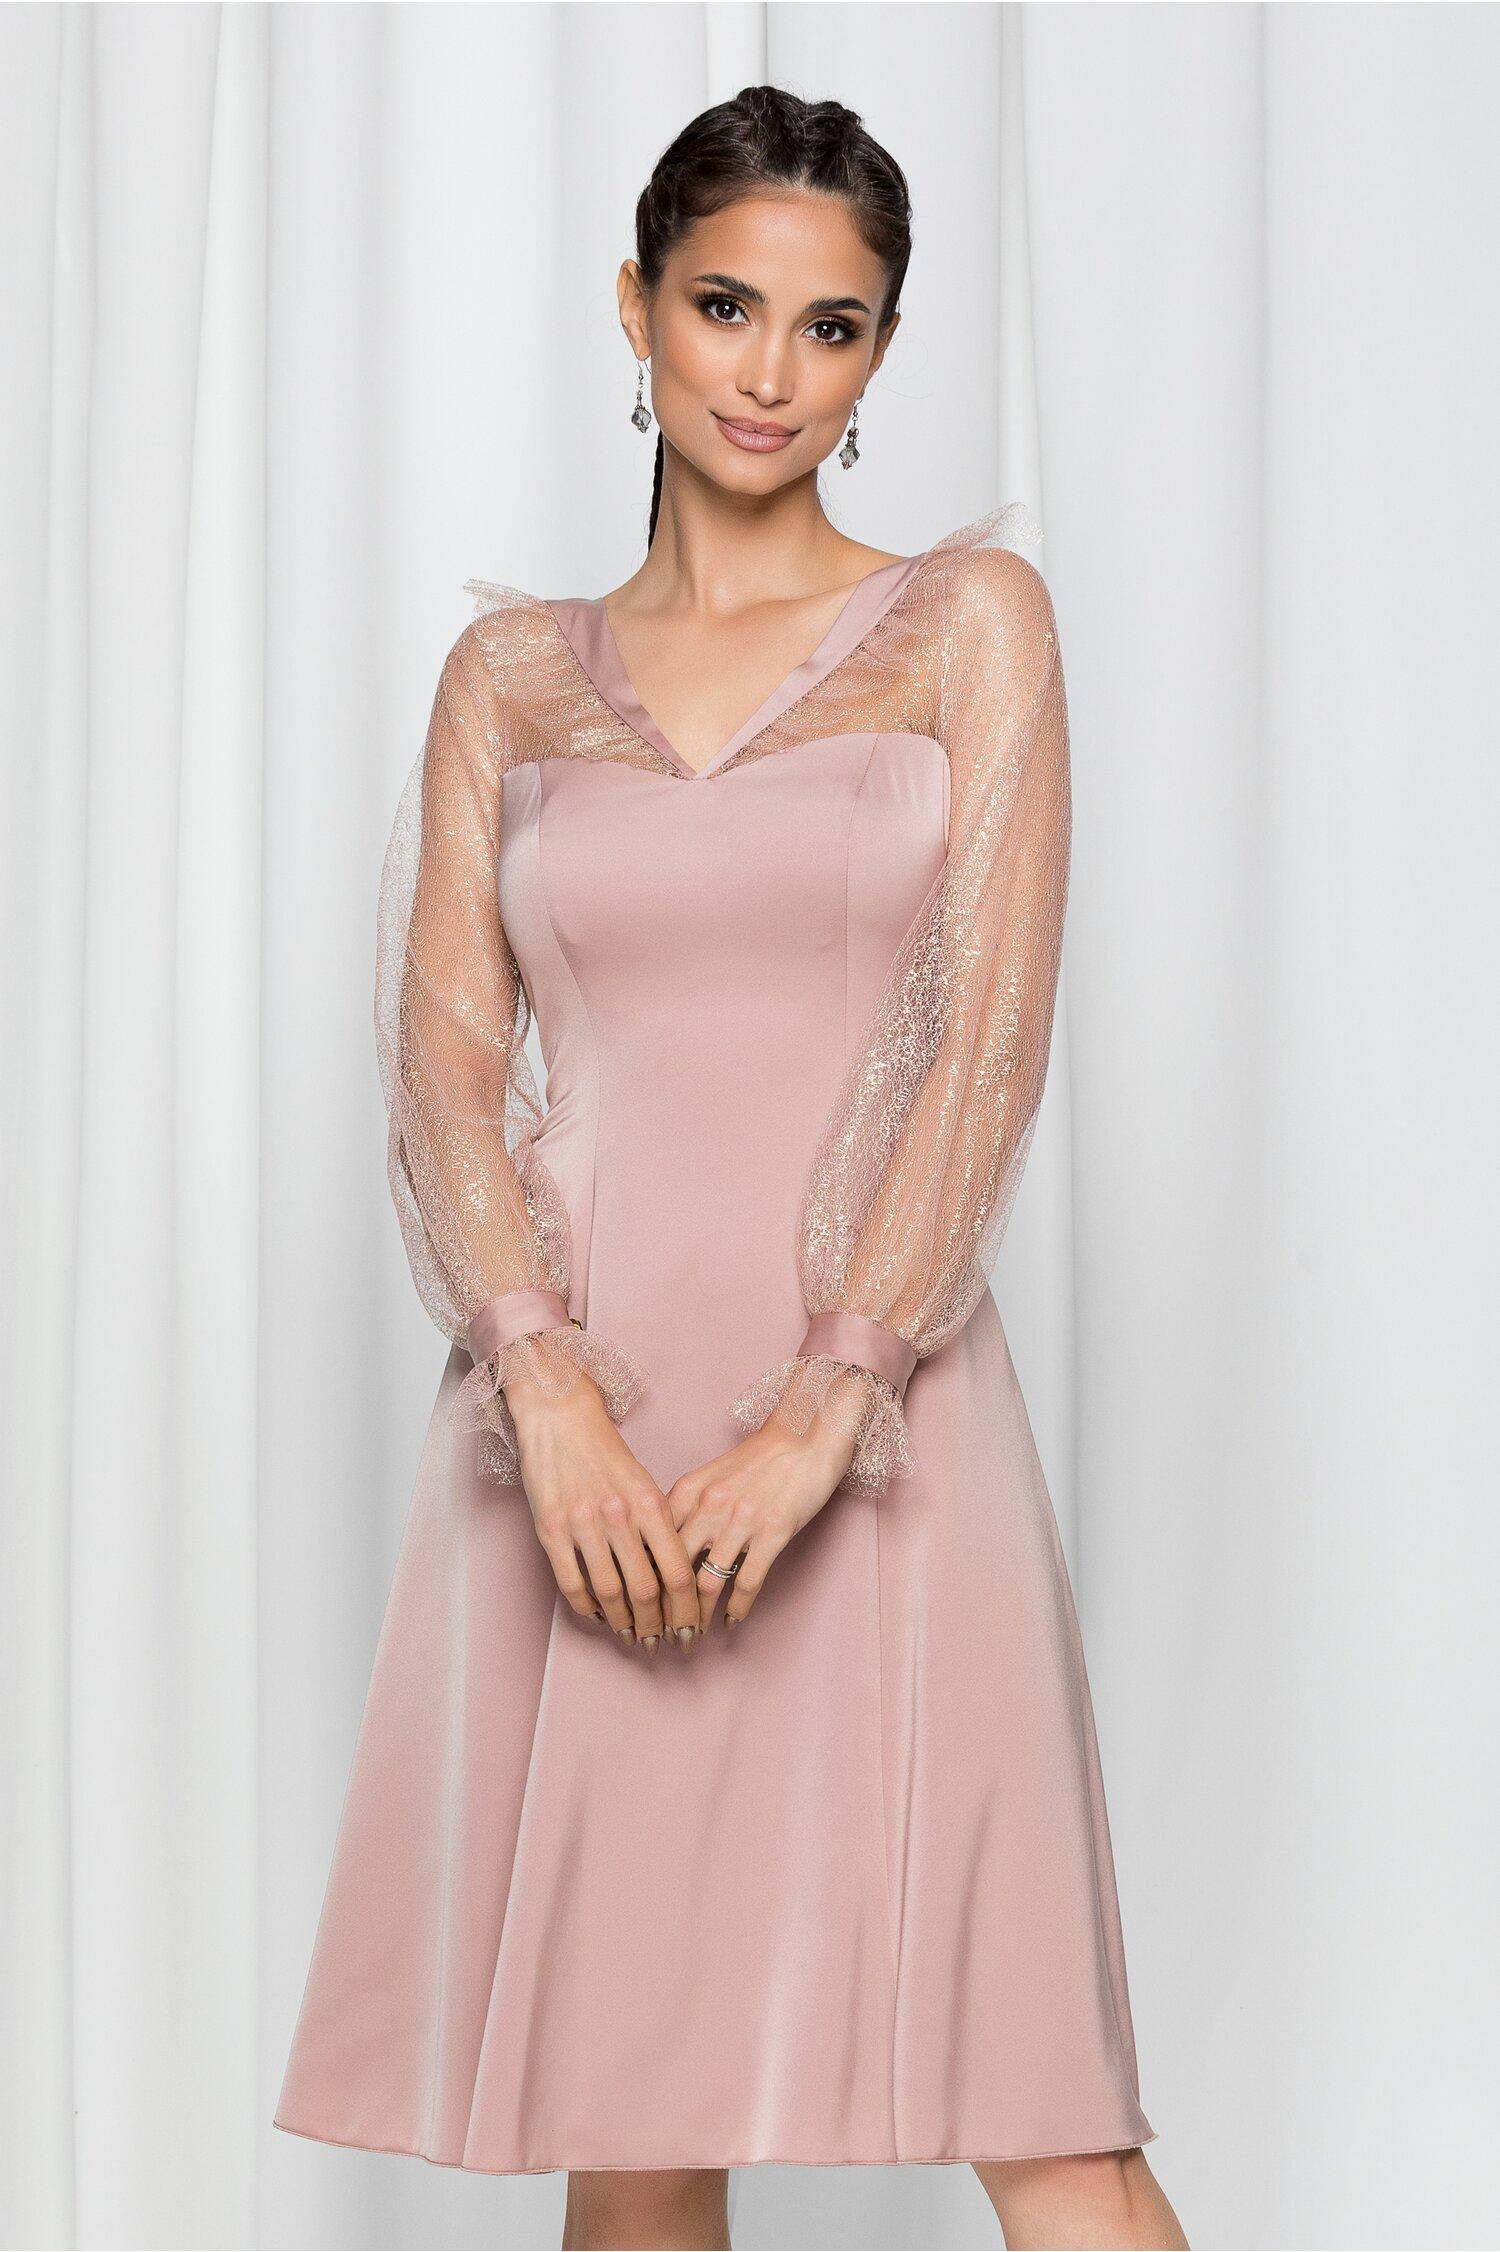 Rochie Leonard Collection roz prafuit cu insertii din fir de lurex